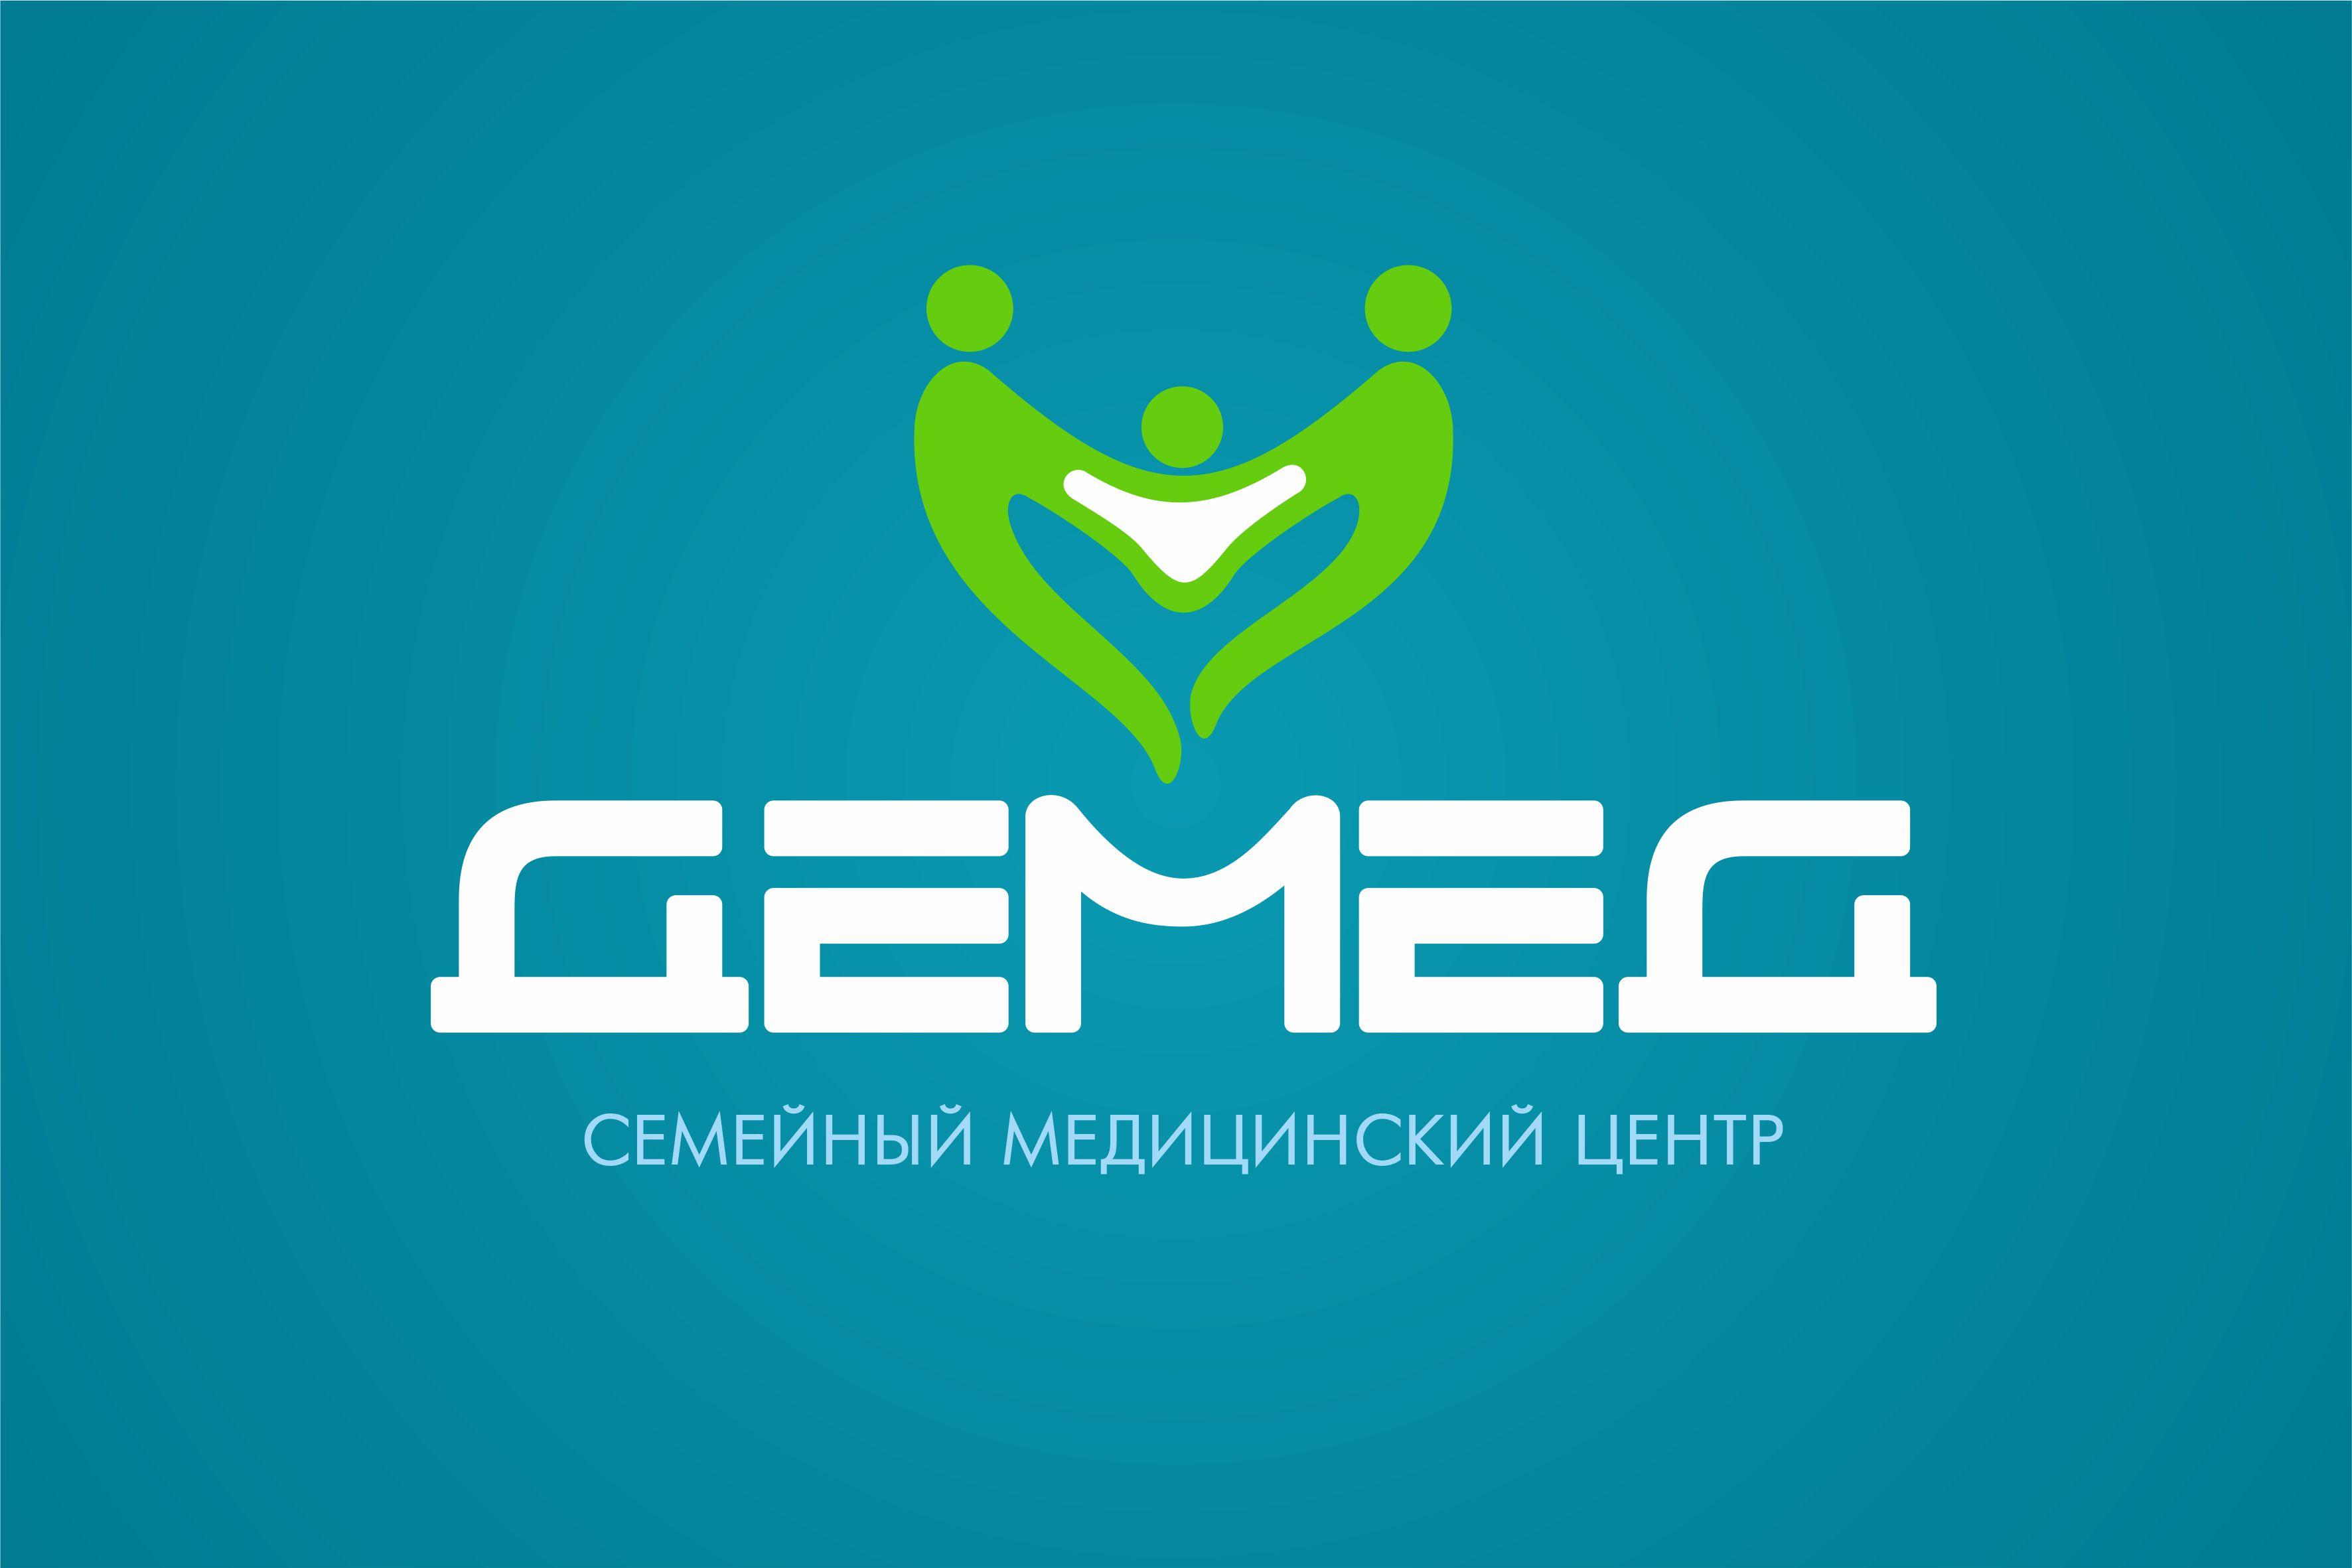 Логотип медицинского центра фото f_2775dcd2688a79fe.jpg